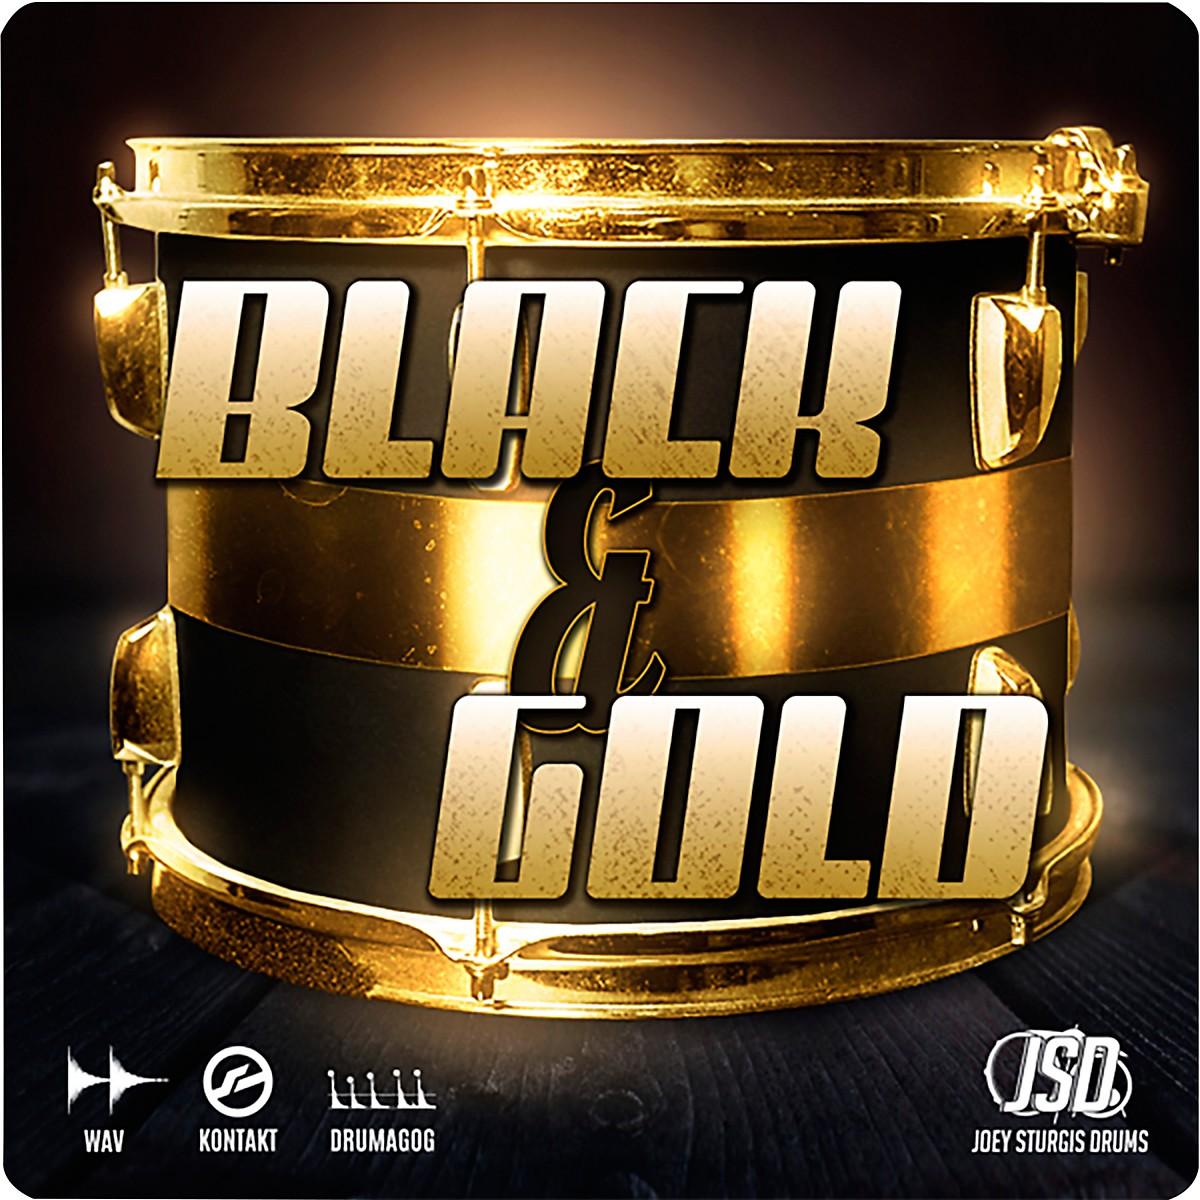 Joey Sturgis Drums Black & Gold Drums